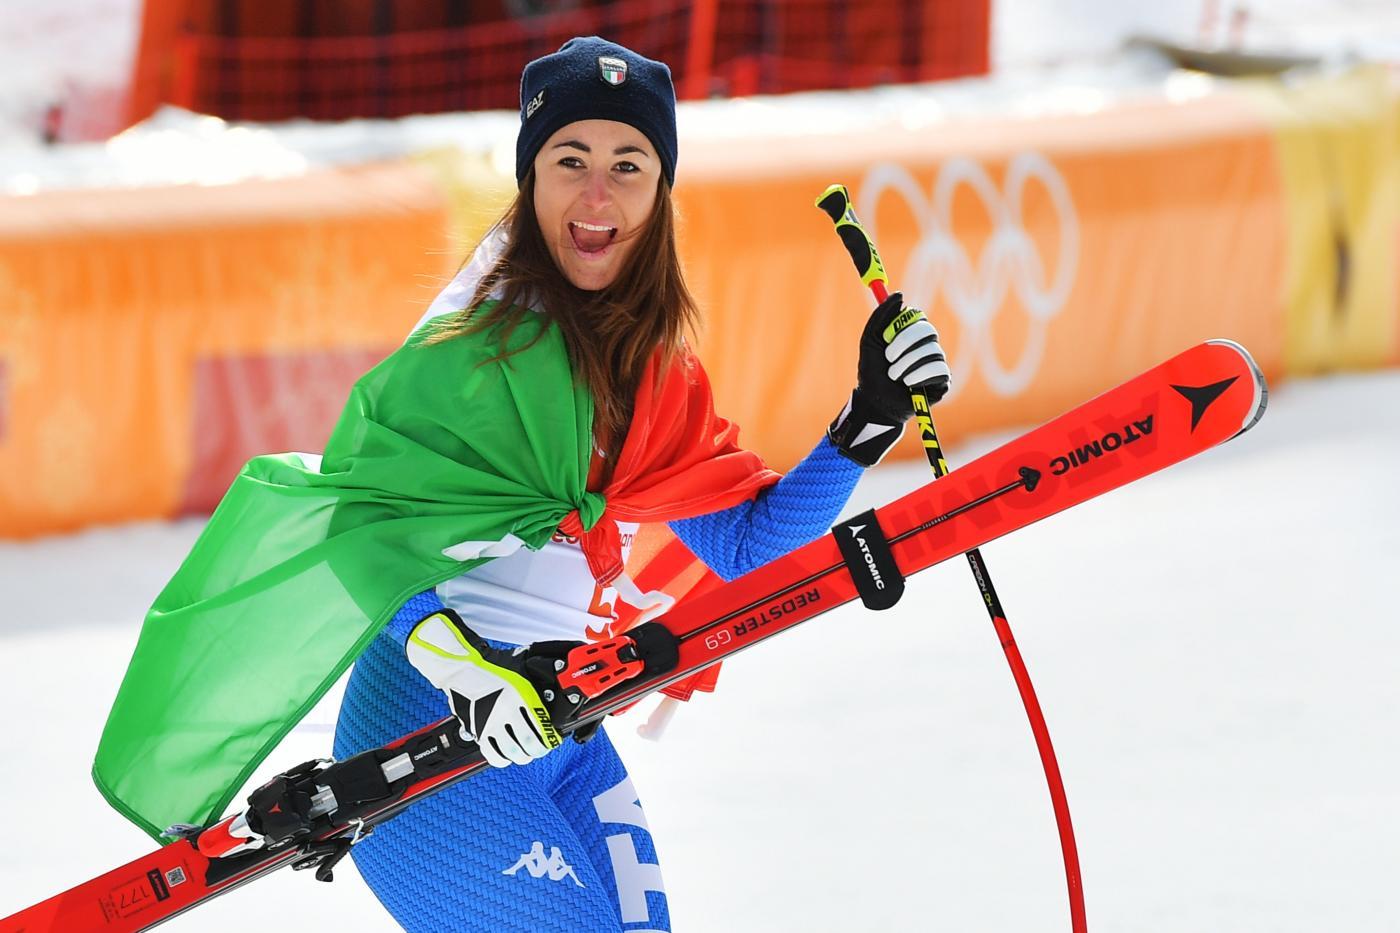 Gian Mattia D'Alberto / LaPresse